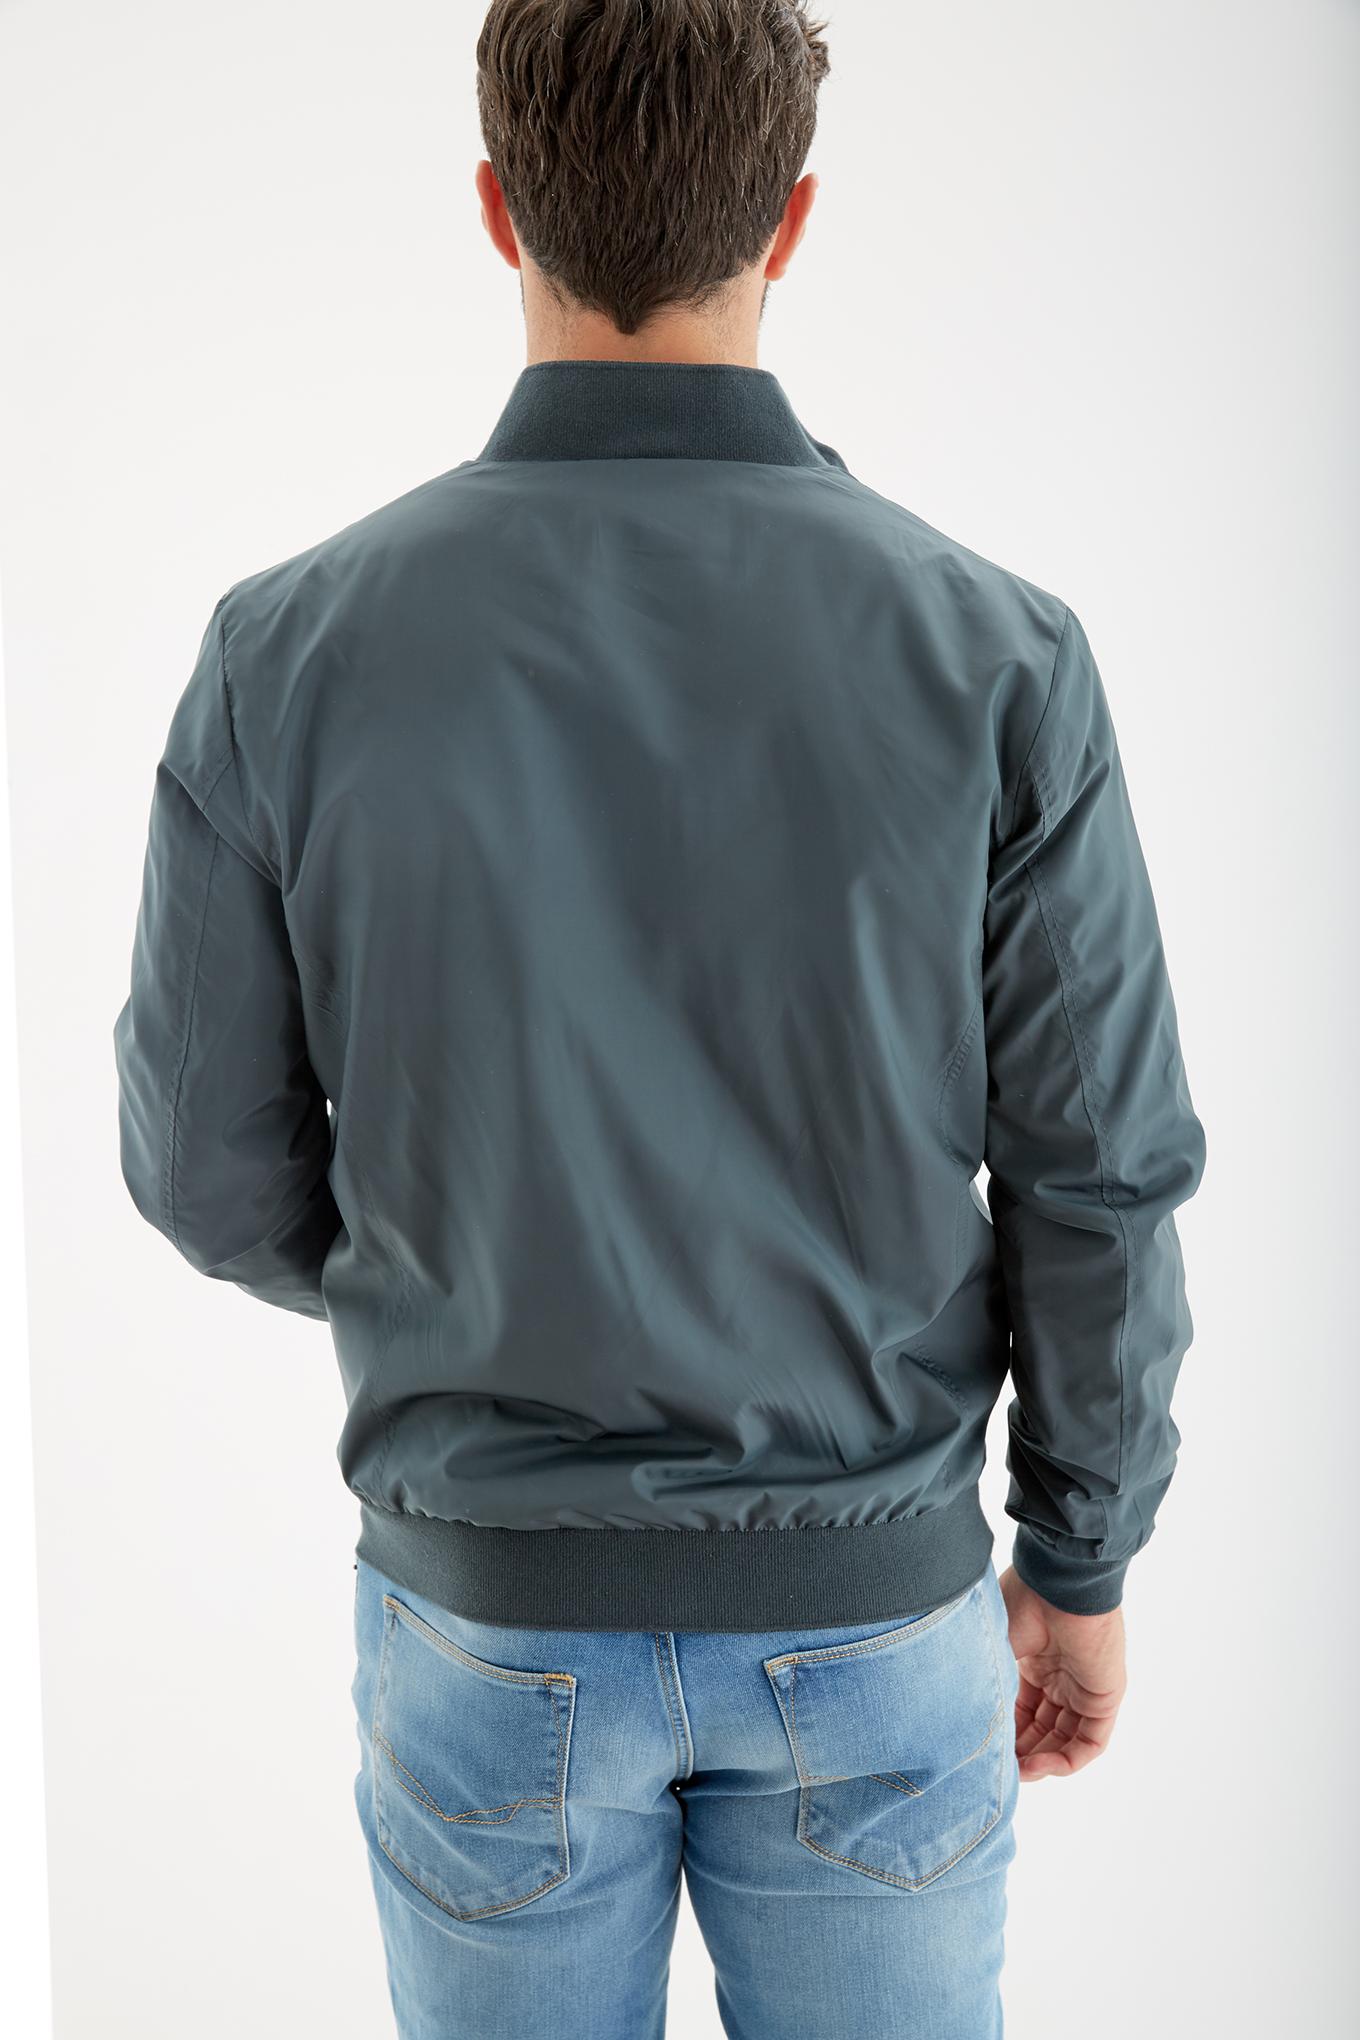 Blusão Verde Escuro Casual Homem